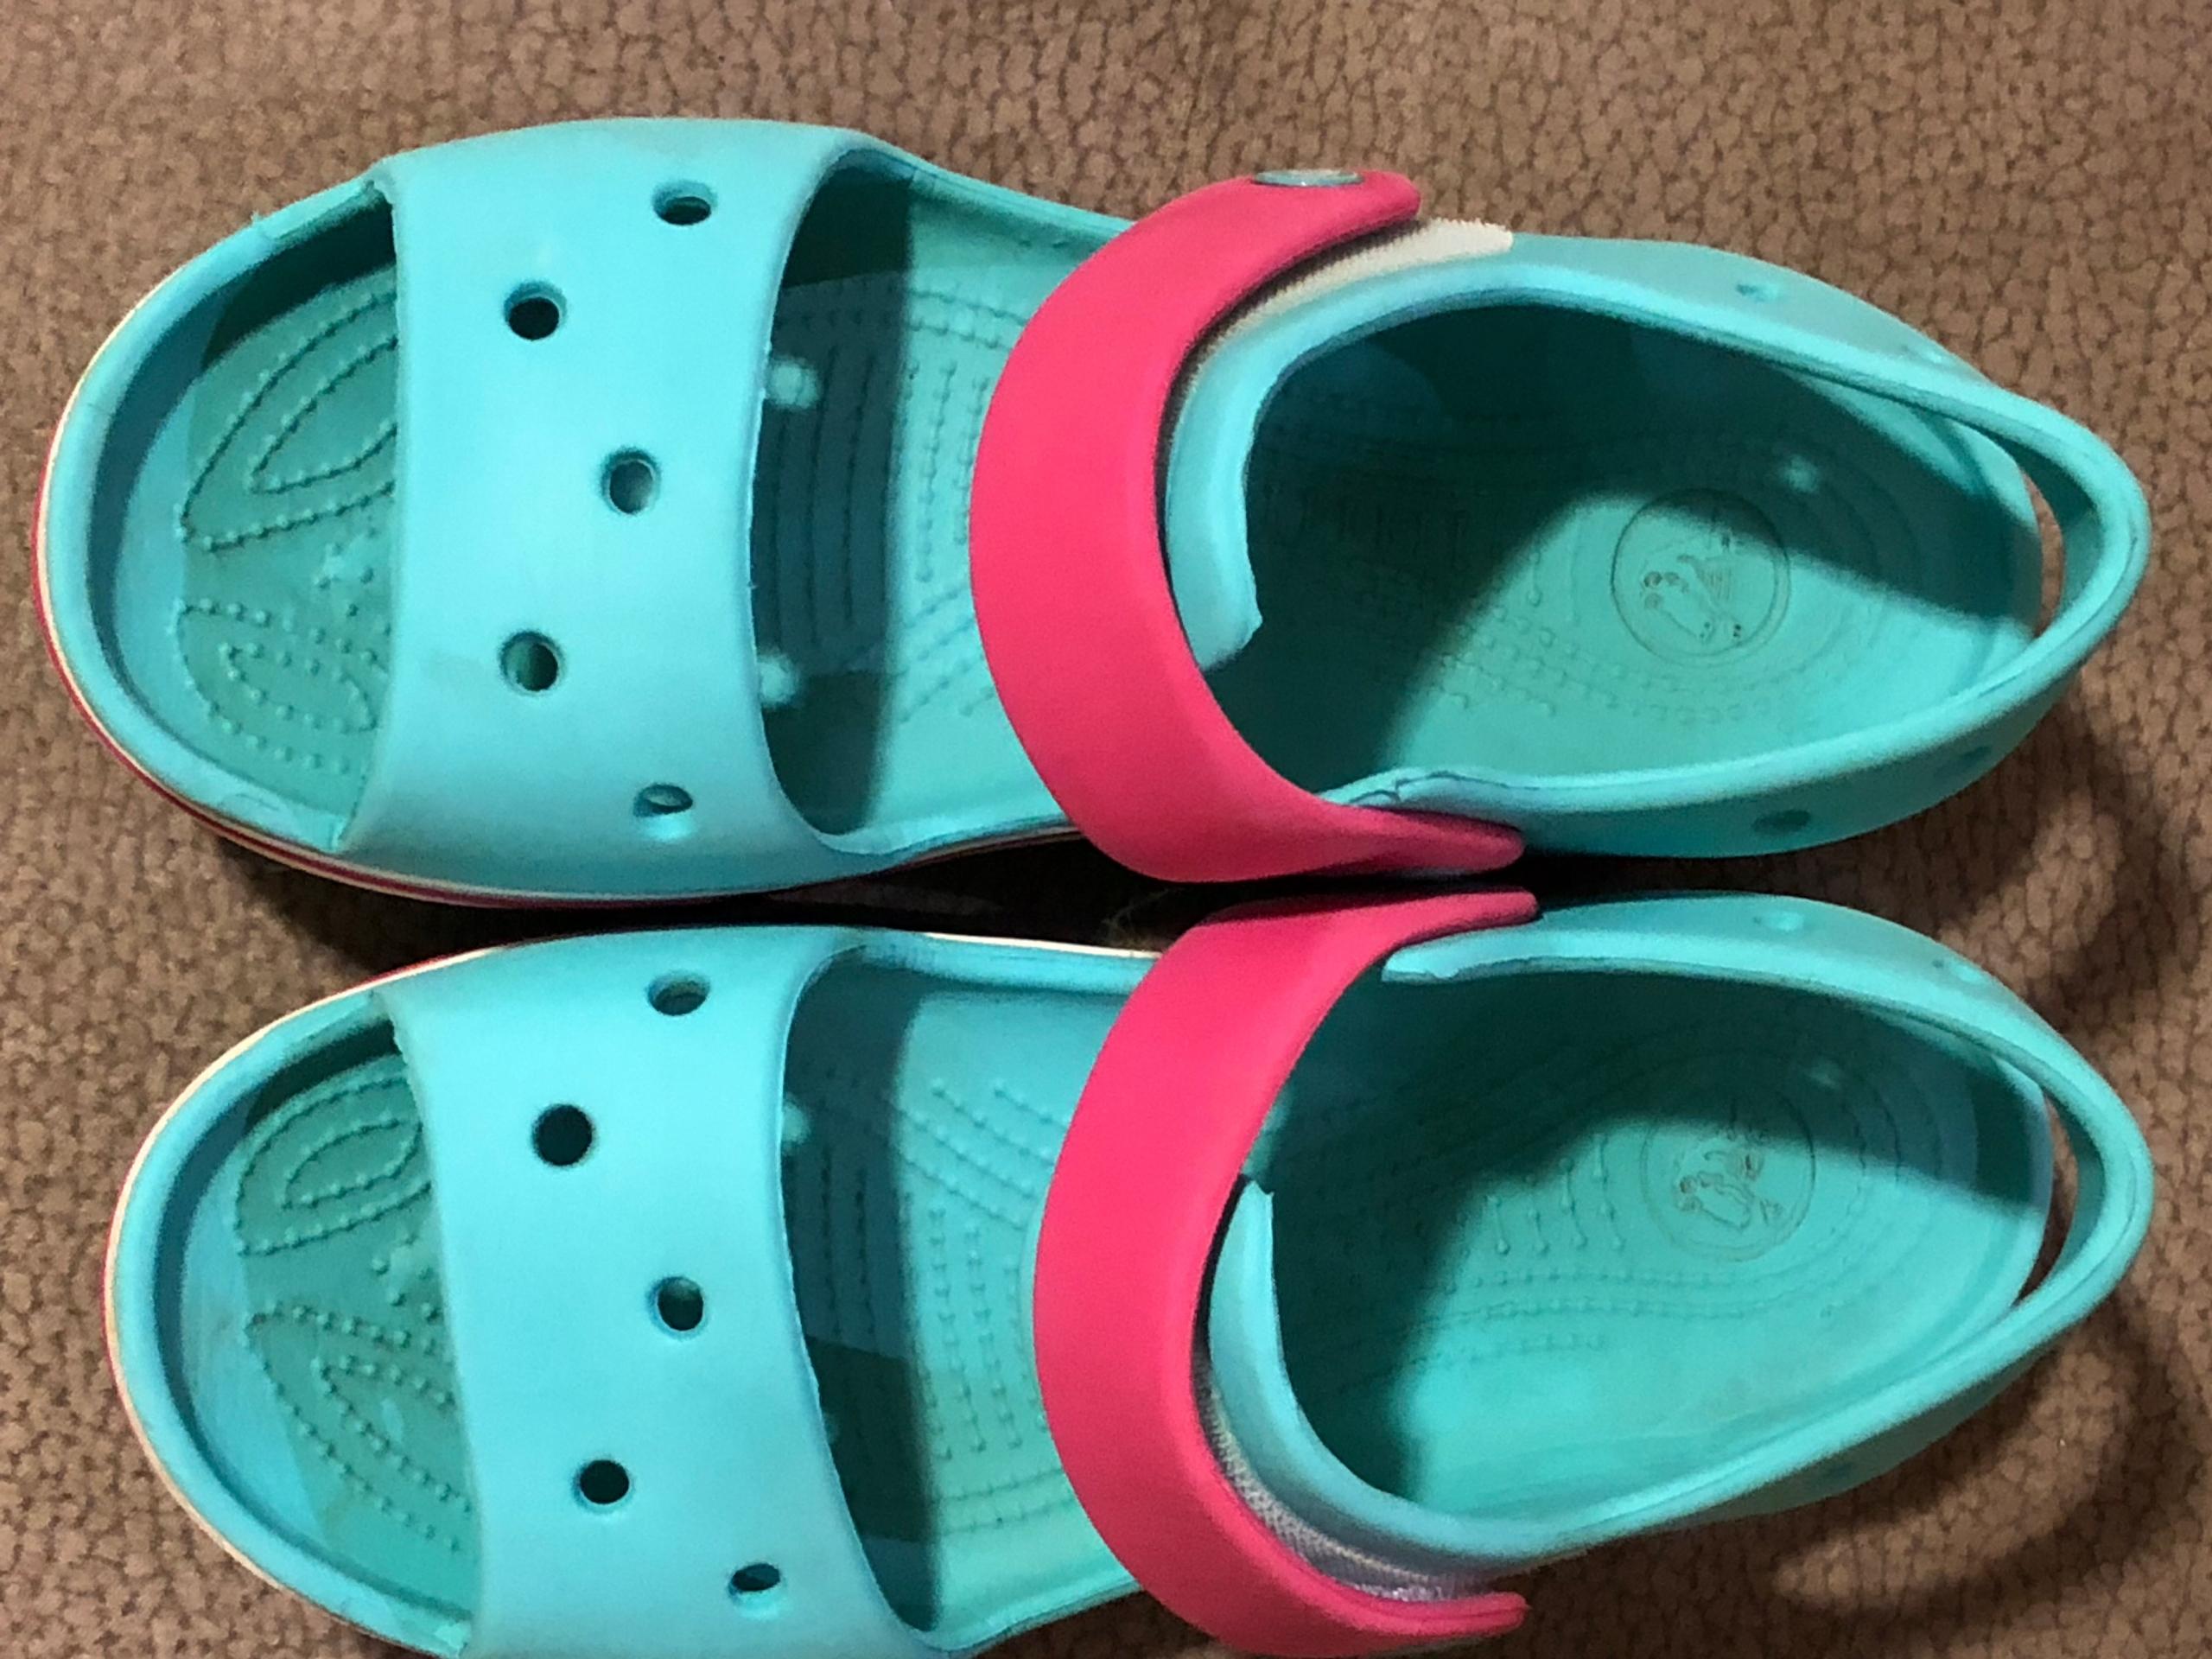 Sandałki CROCS J3 34-35 dla dziewczynki